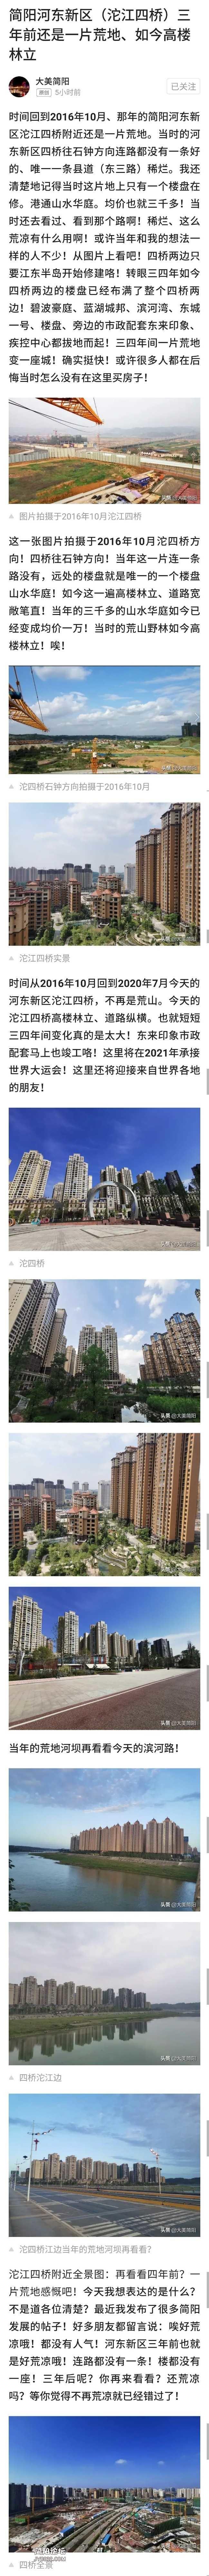 简阳河东新区(沱江四桥)三年前还是一片荒地、如今高楼林立